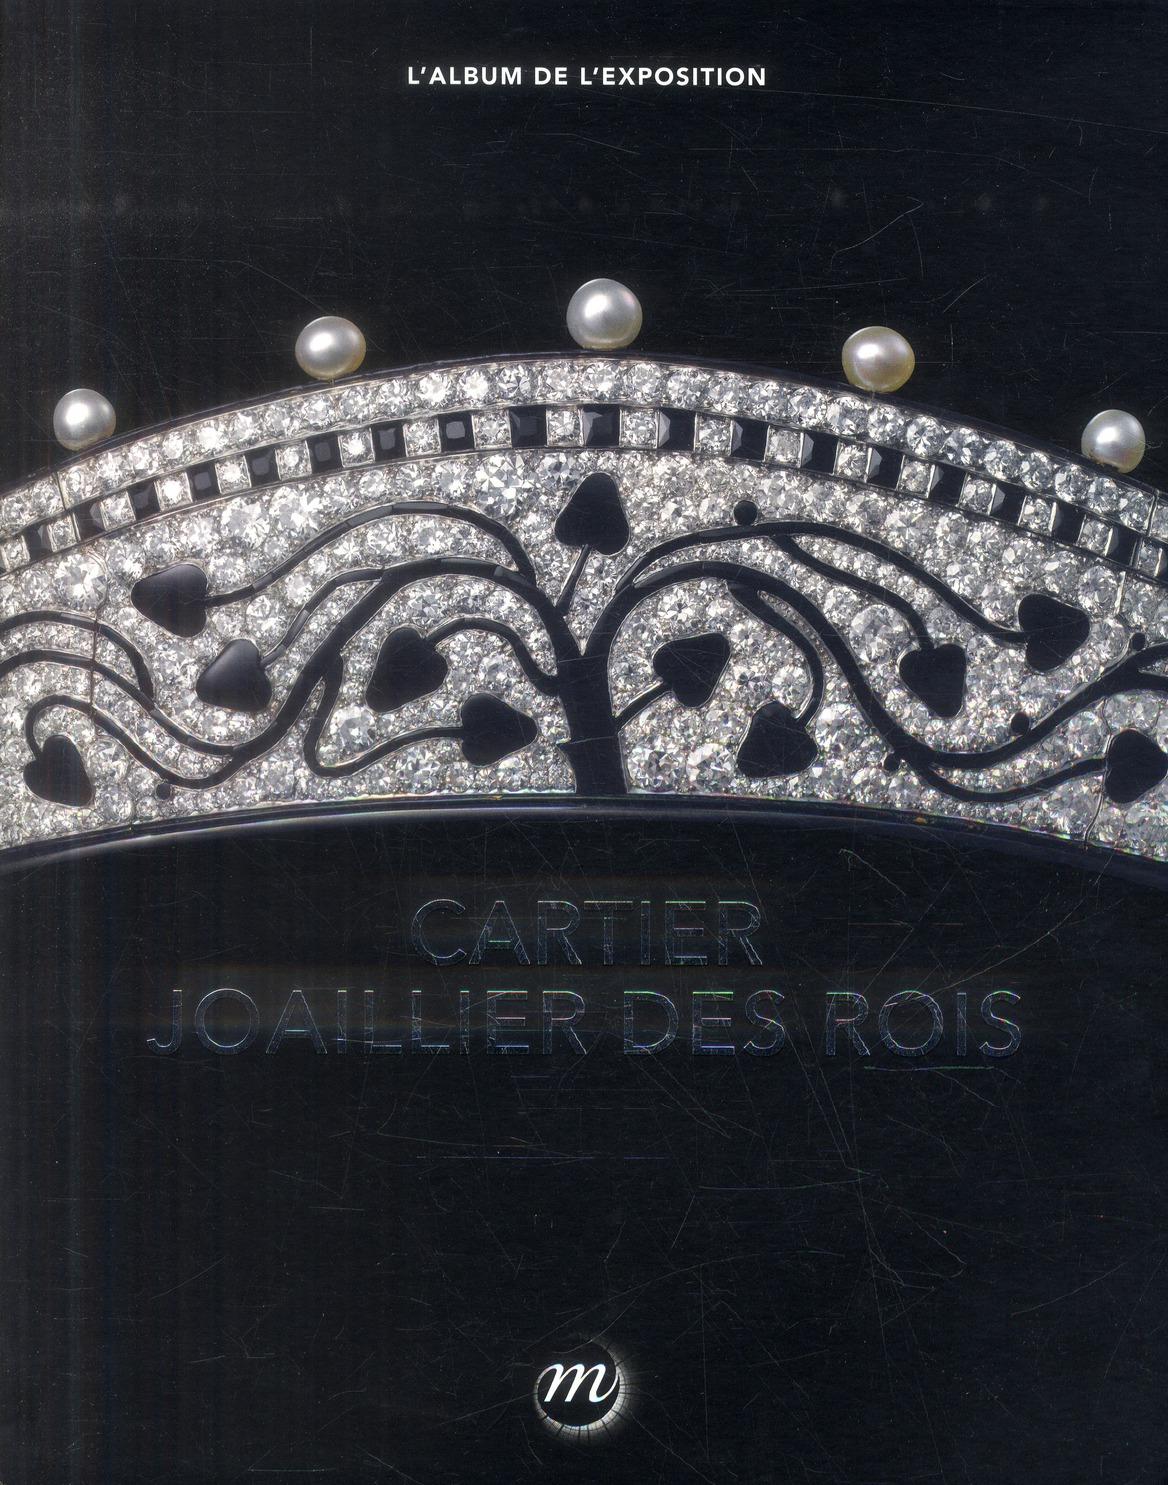 CARTIER, JOALLIER DES ROIS - L'ALBUM DE L'EXPOSITION